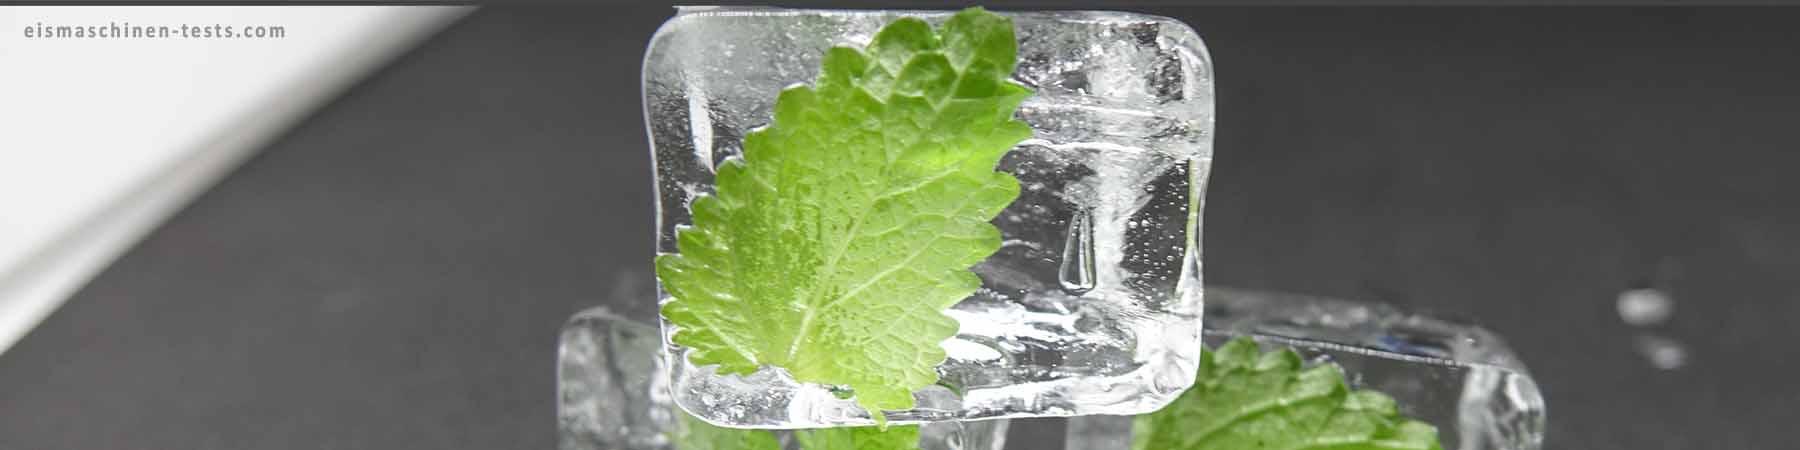 Zitronenmelisse Eiswürfel selber machen - Eismaschinen Tests com - Slider